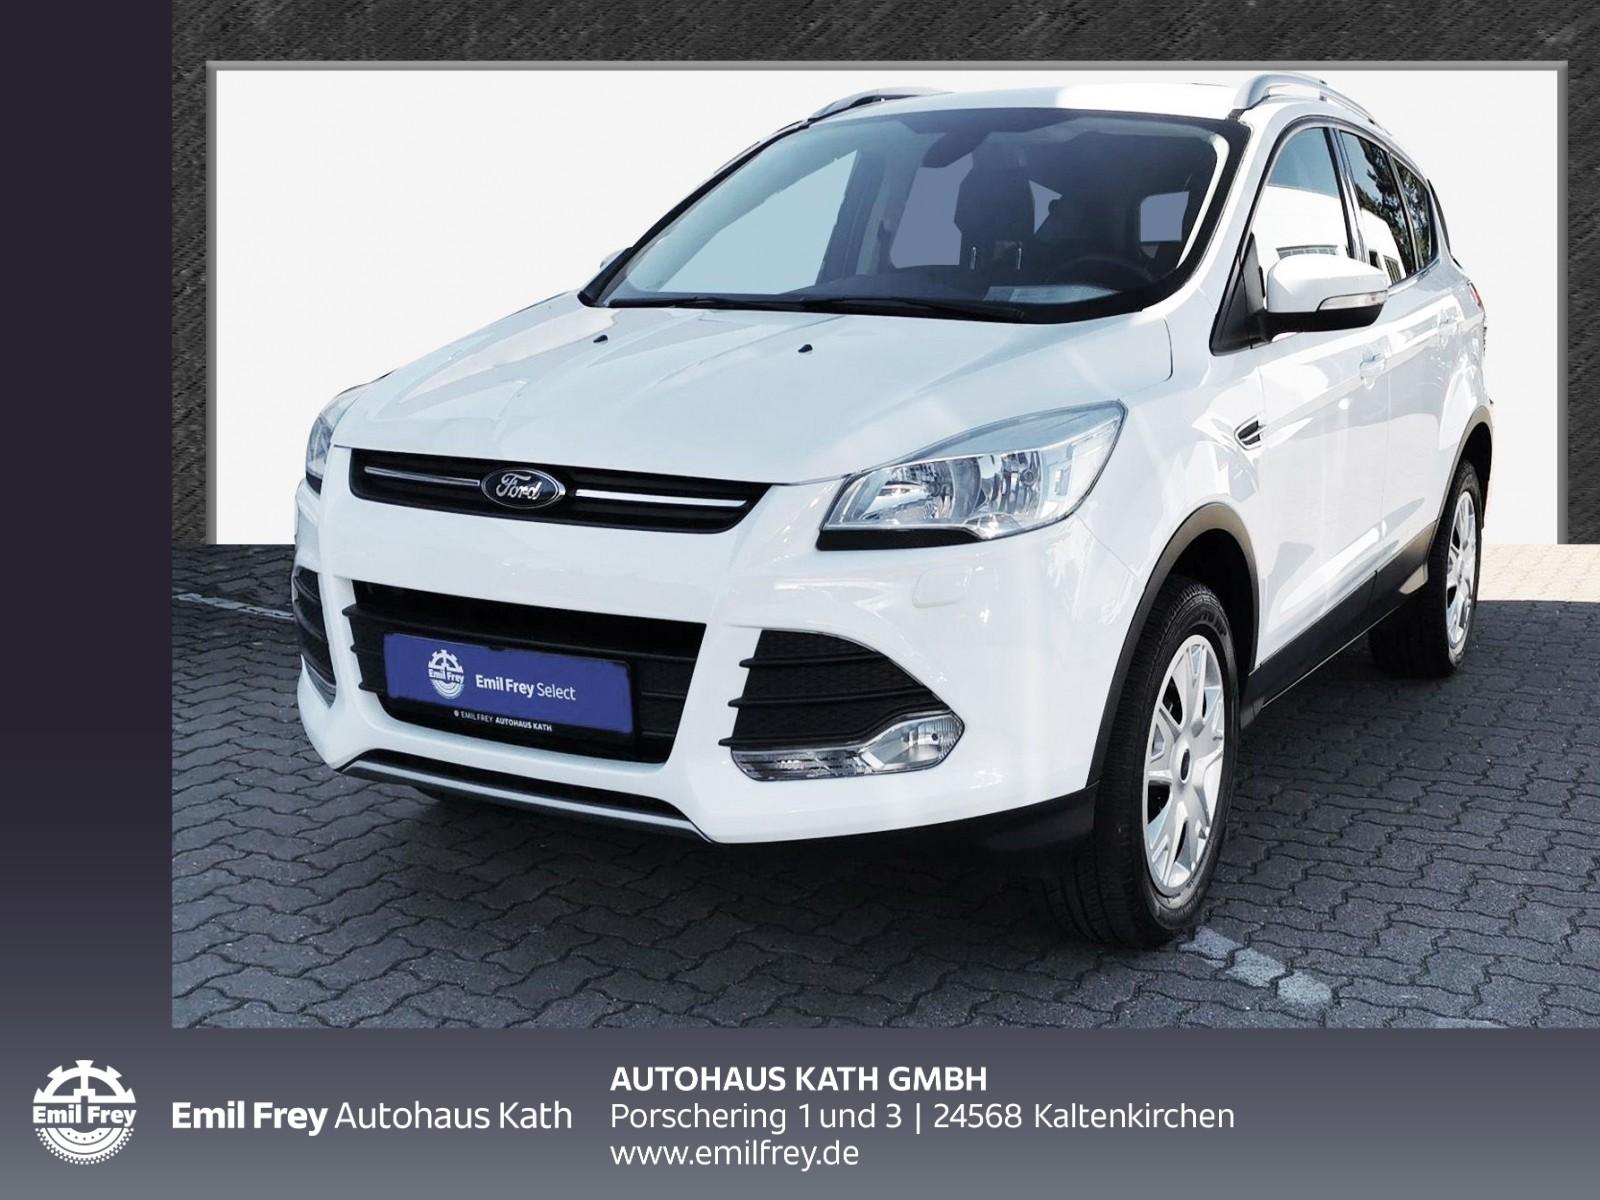 Ford Kuga 1.6 EcoBoost 2x4 Trend Sitzhzg AHK, Jahr 2014, Benzin